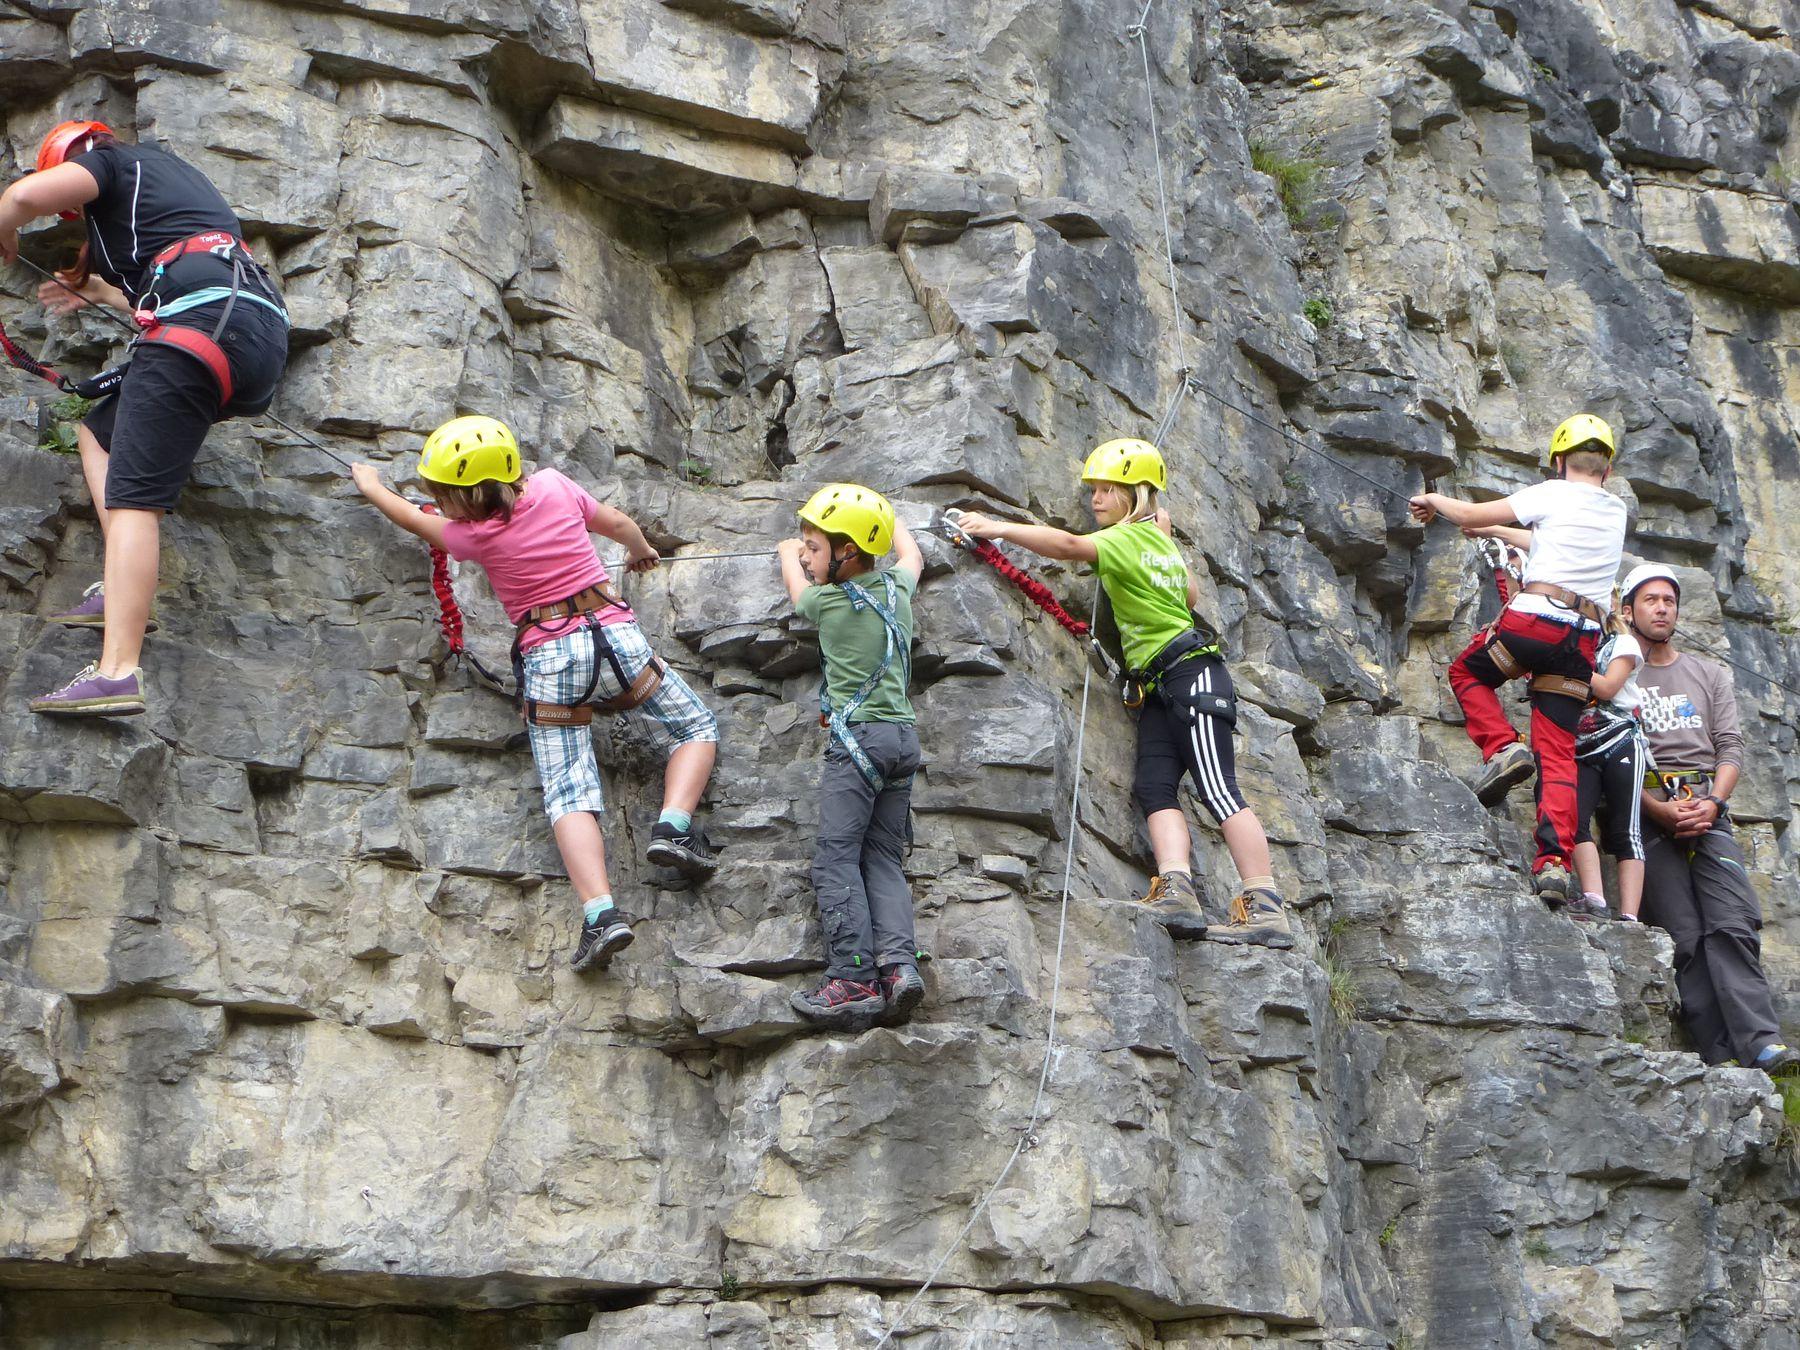 Klettersteig Coburger Hütte : Bergsport total taja klettersteig